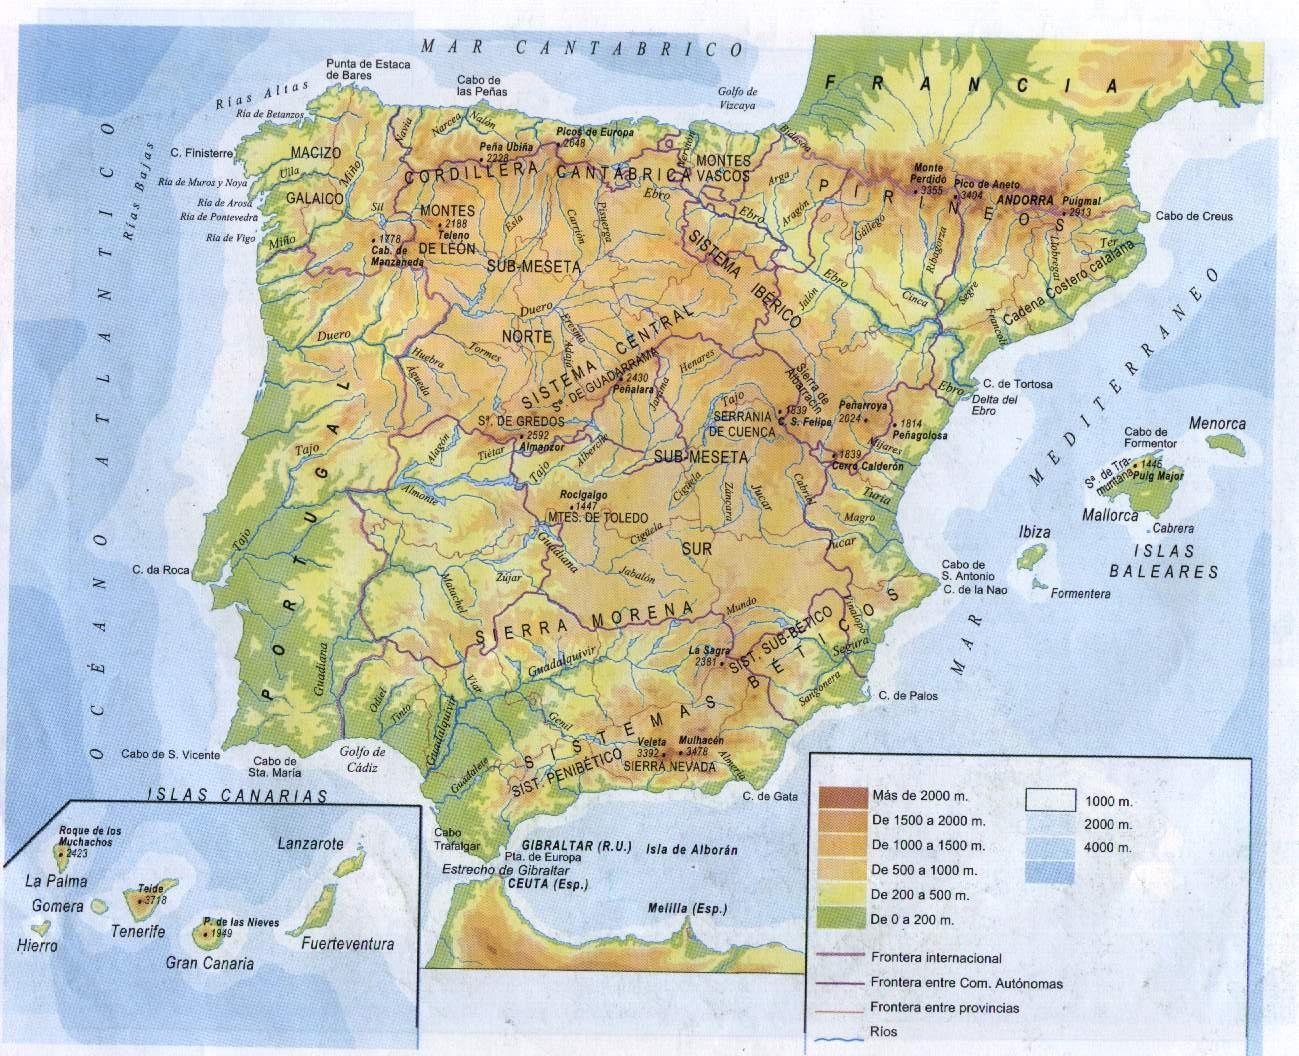 Diarios de v 2 0 varios mapas de espa a gratis en for Atlas natura